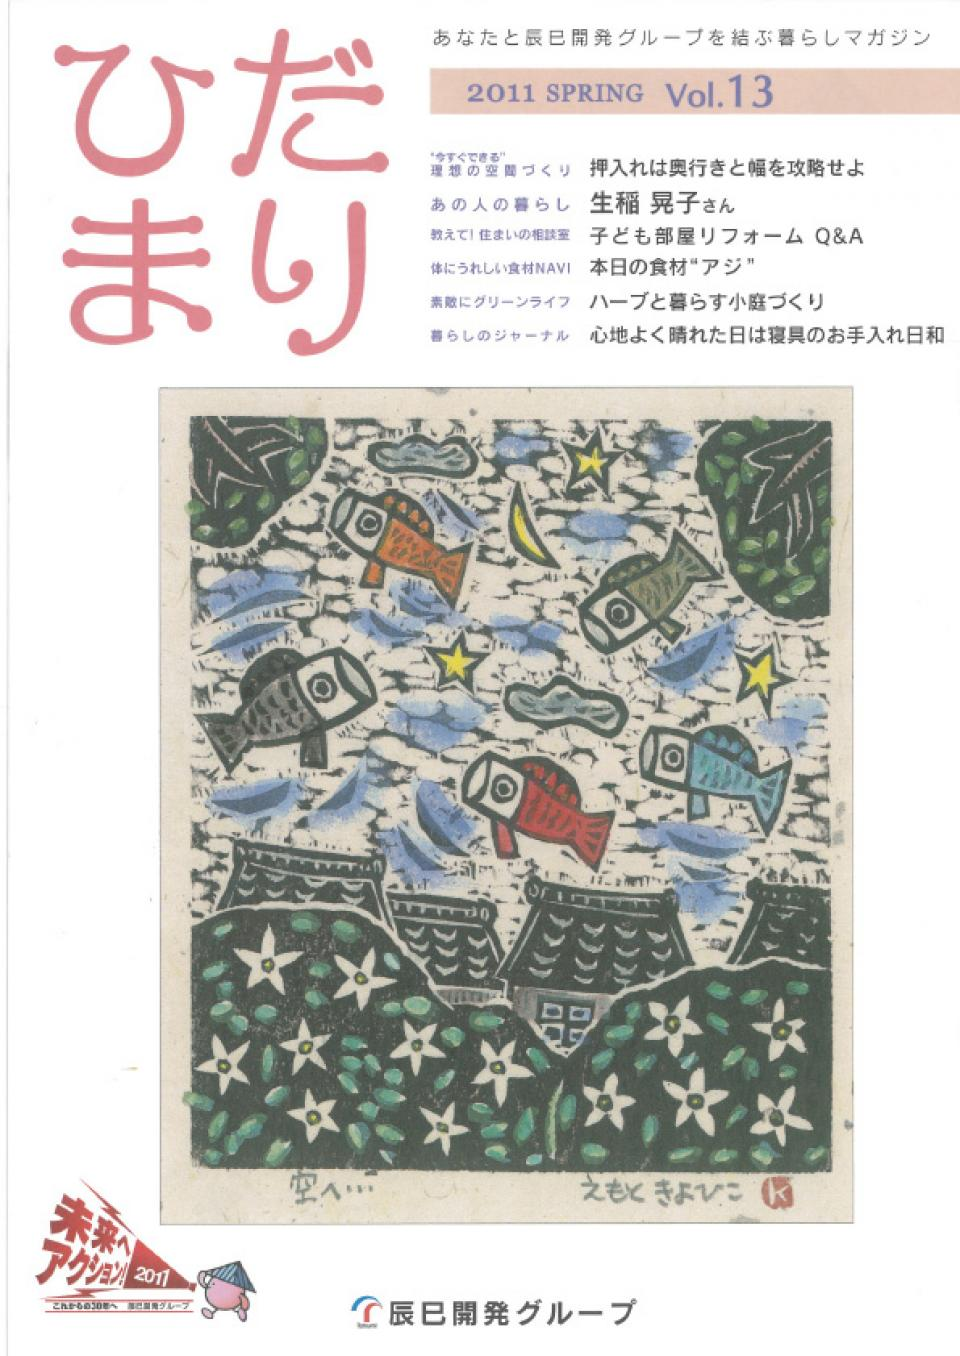 ひだまり 2011 Spring vol.13